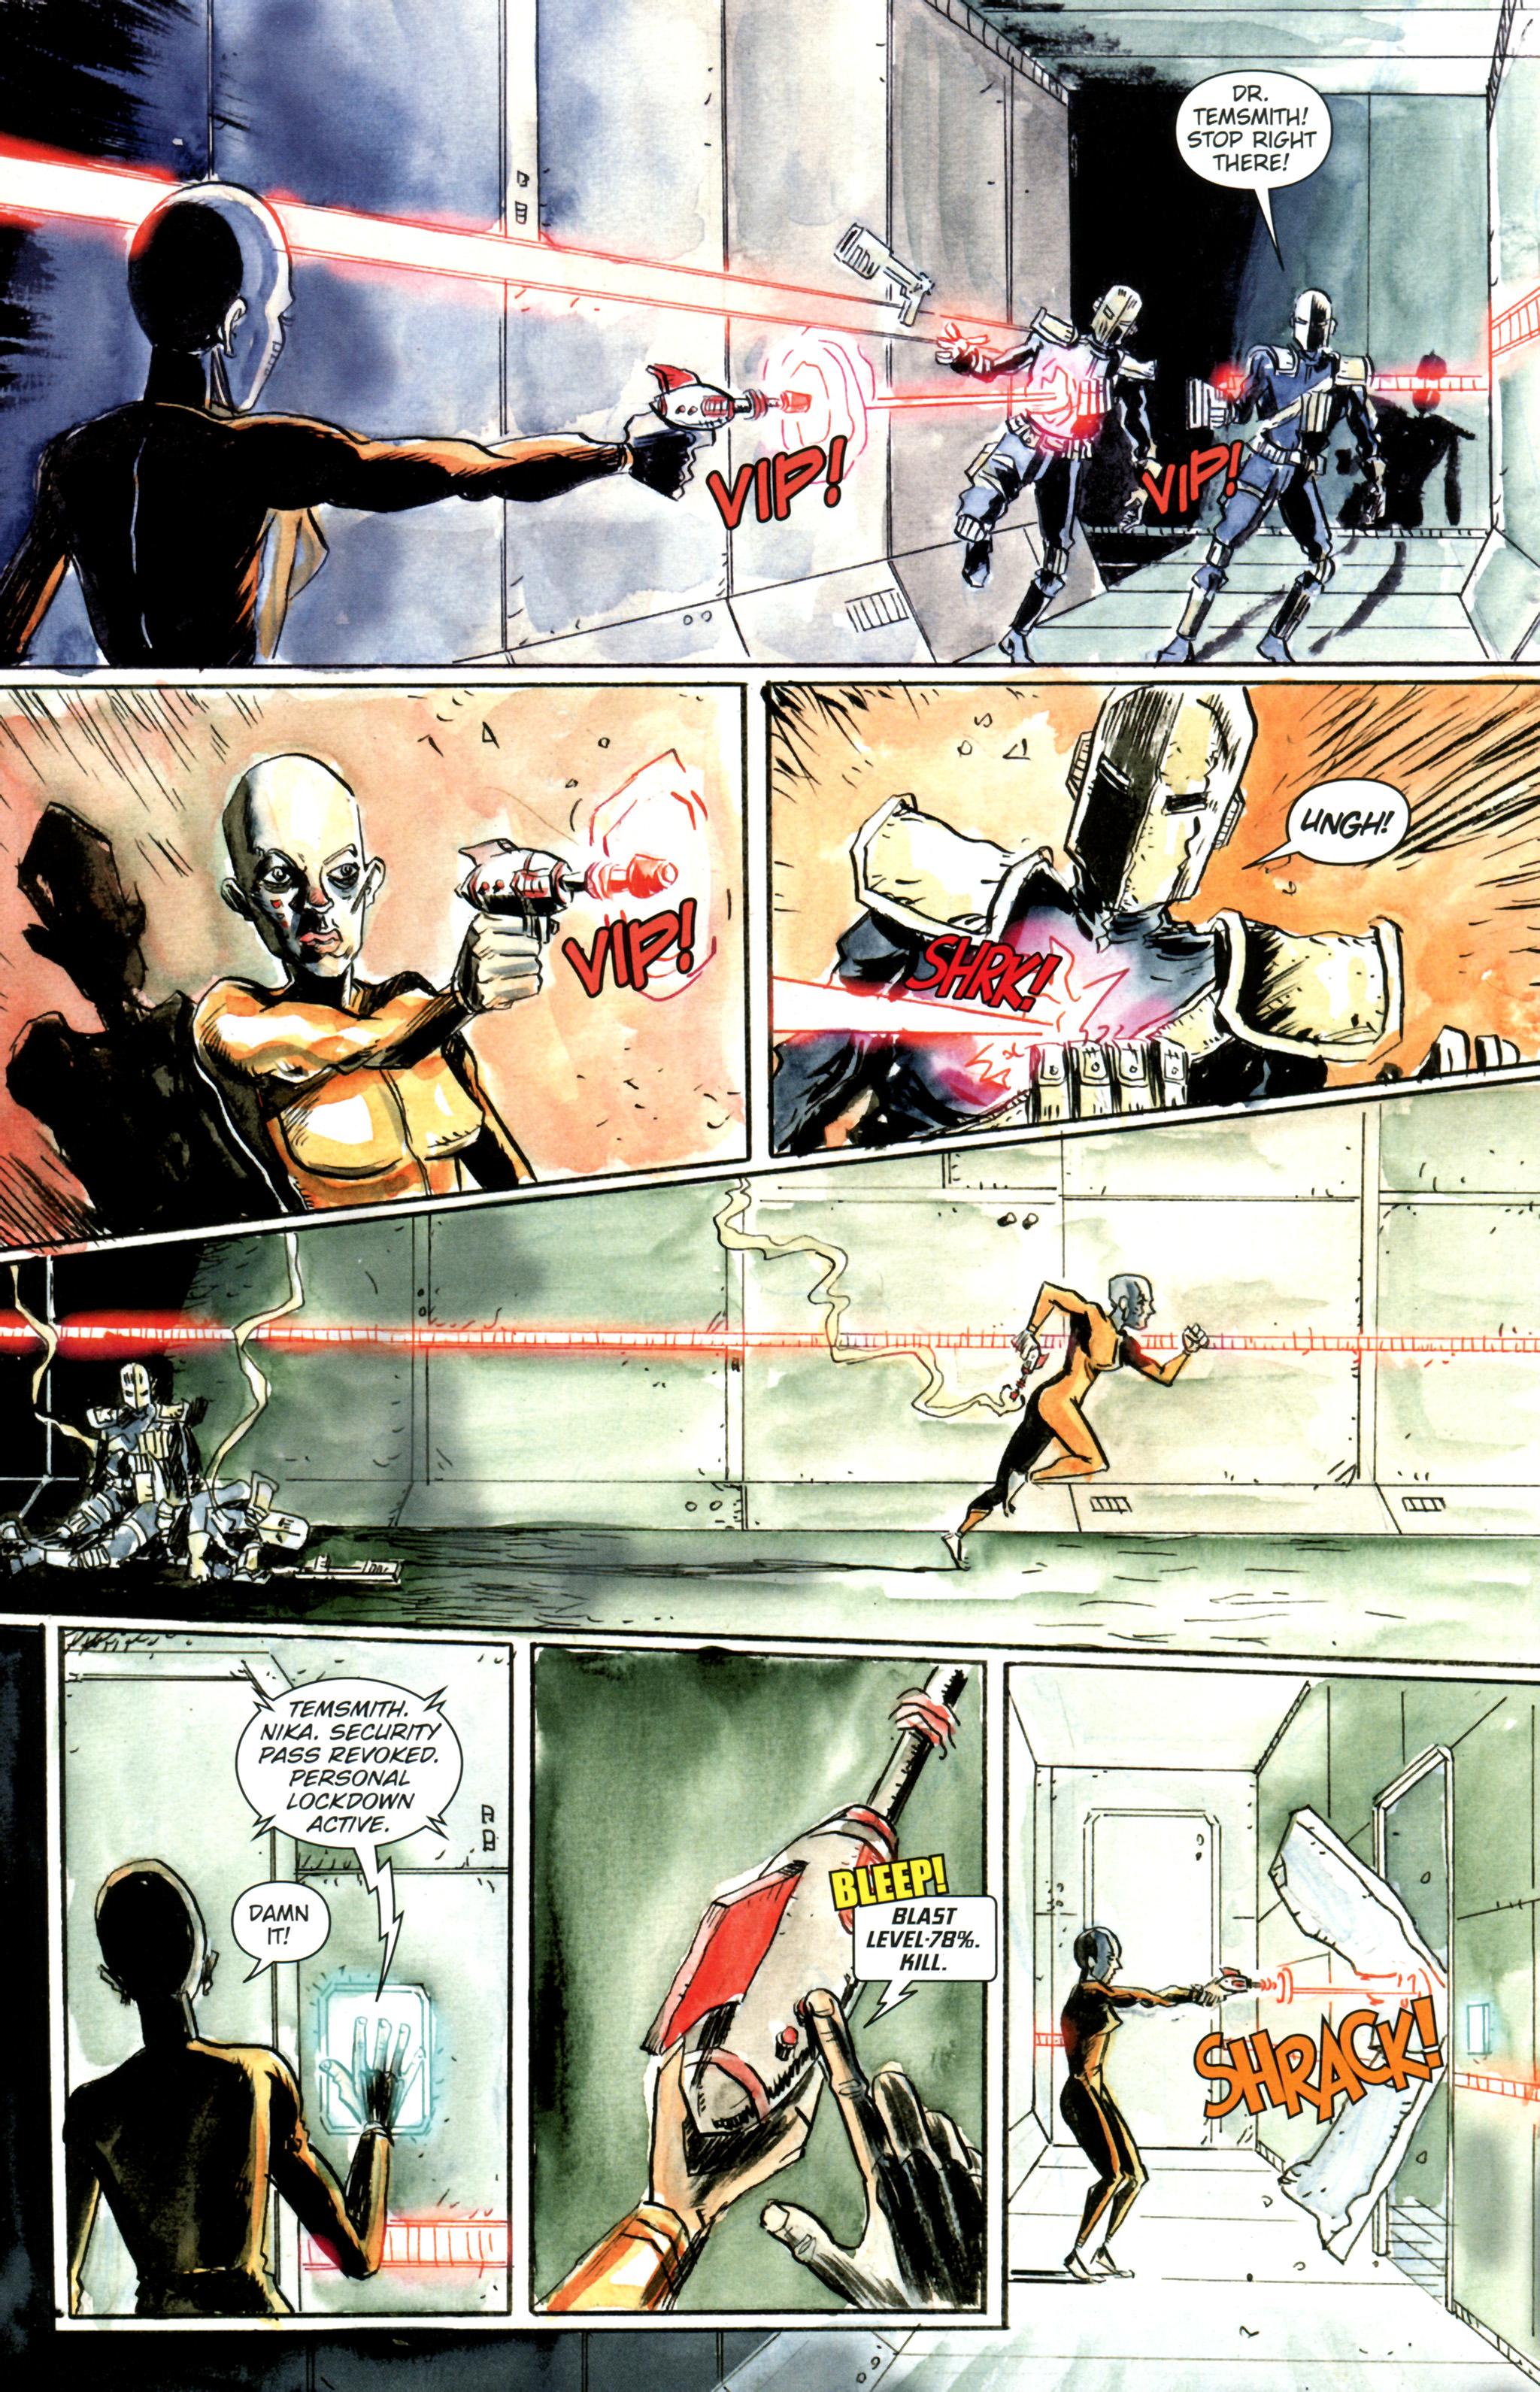 Read online Trillium comic -  Issue #3 - 10